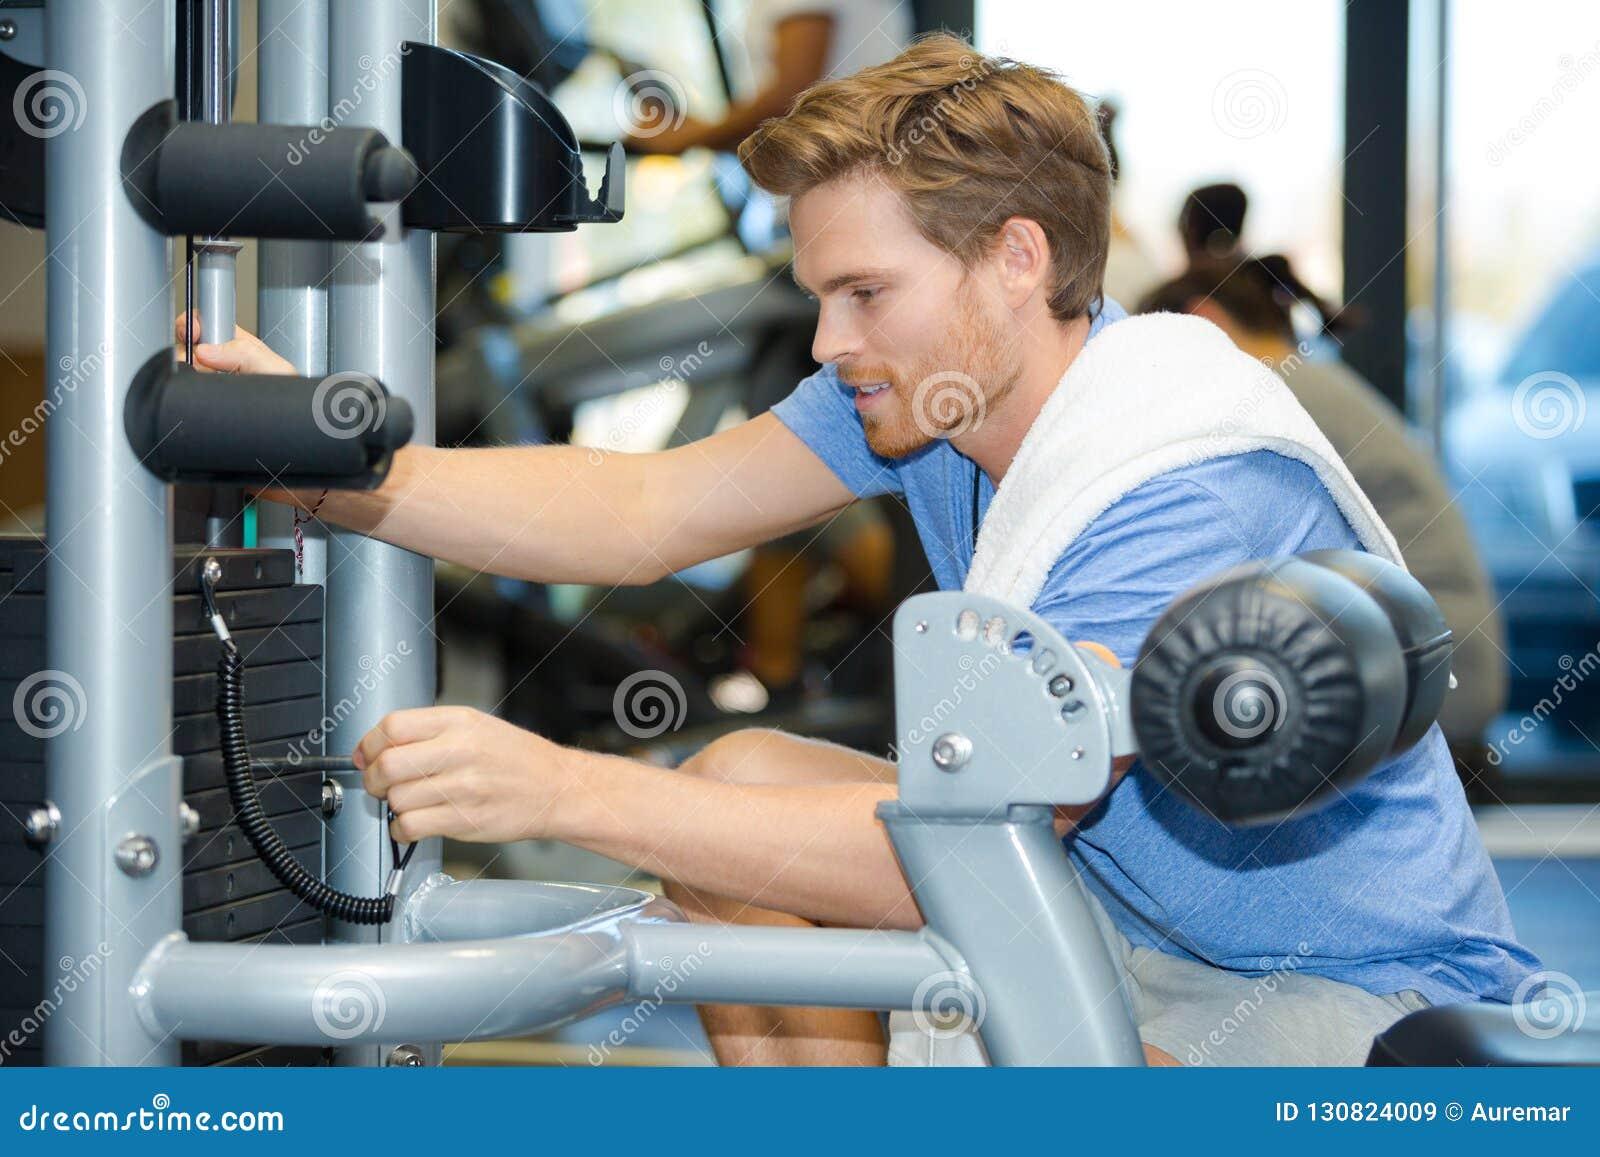 Mann, der Stift in Position bringt, um Gewichte auf Übungsmaschine vorzuwählen